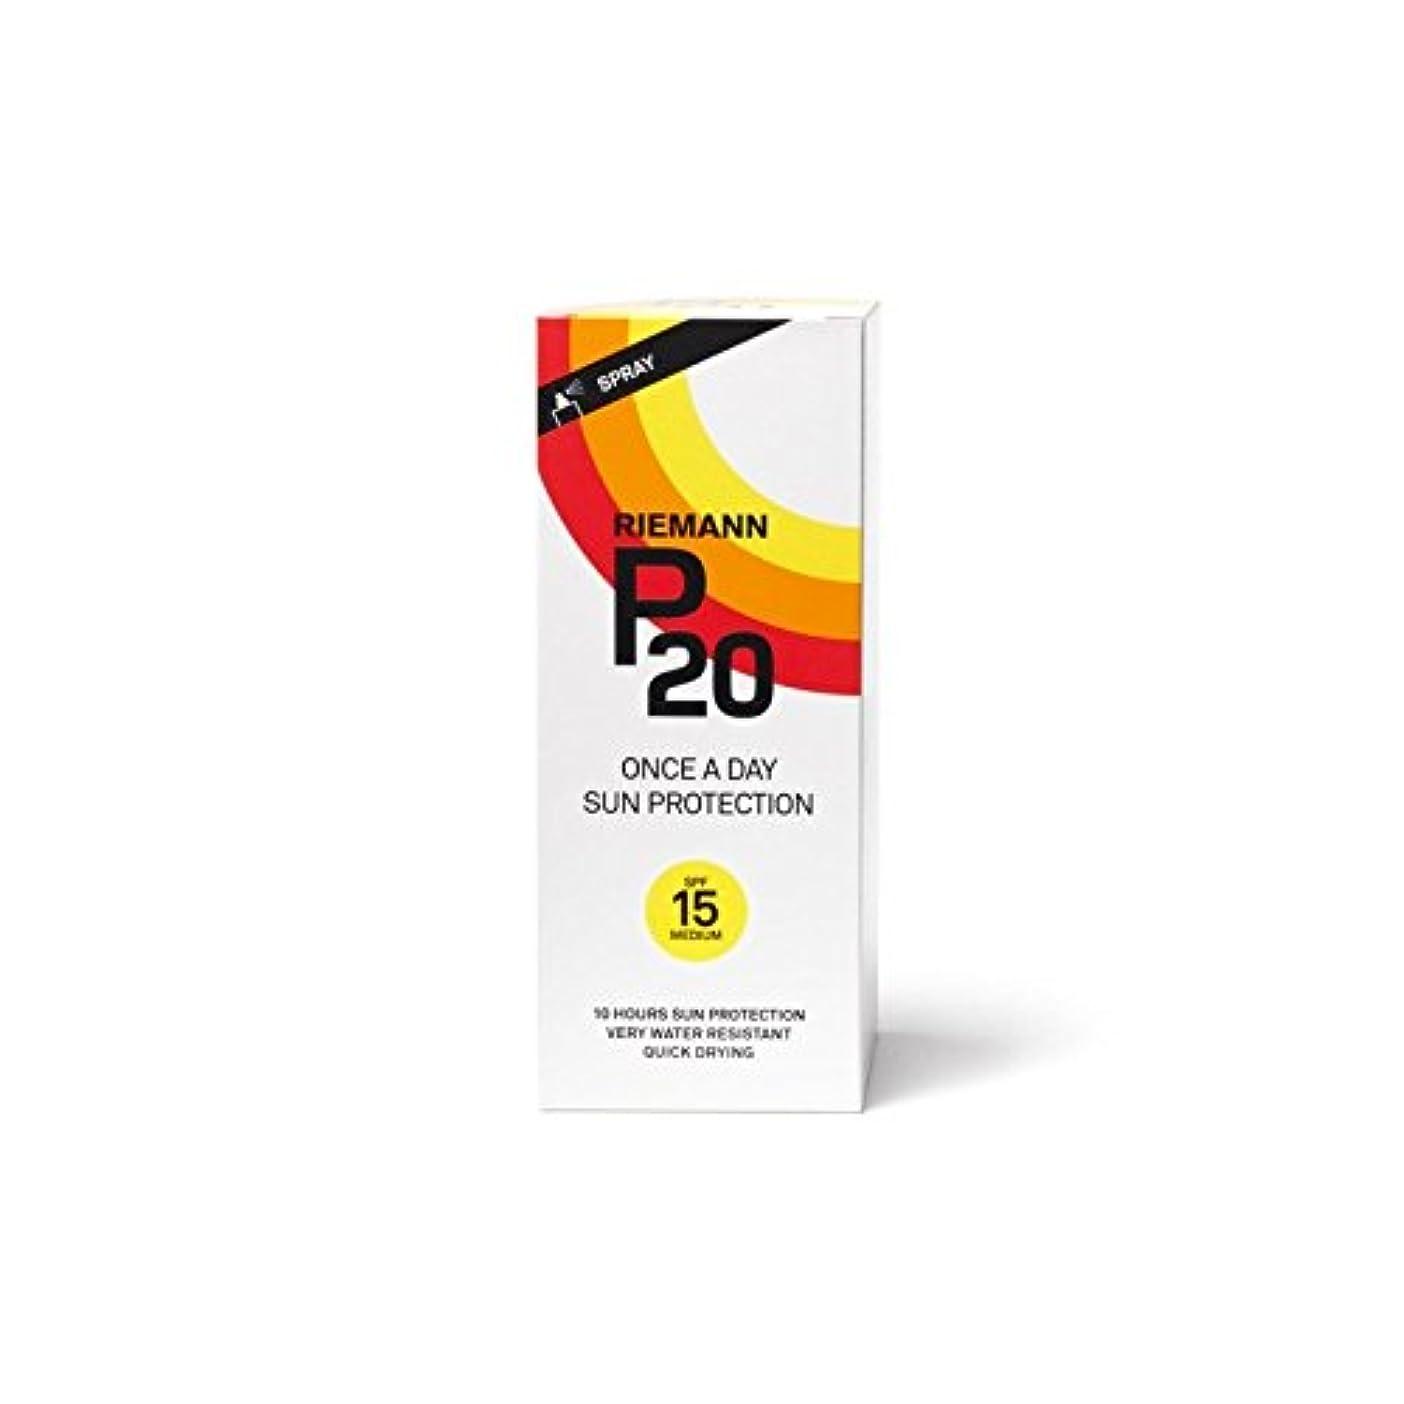 郵便局宮殿願うリーマン20のサンフィルター200ミリリットル15 x4 - Riemann P20 Sun Filter 200ml SPF15 (Pack of 4) [並行輸入品]